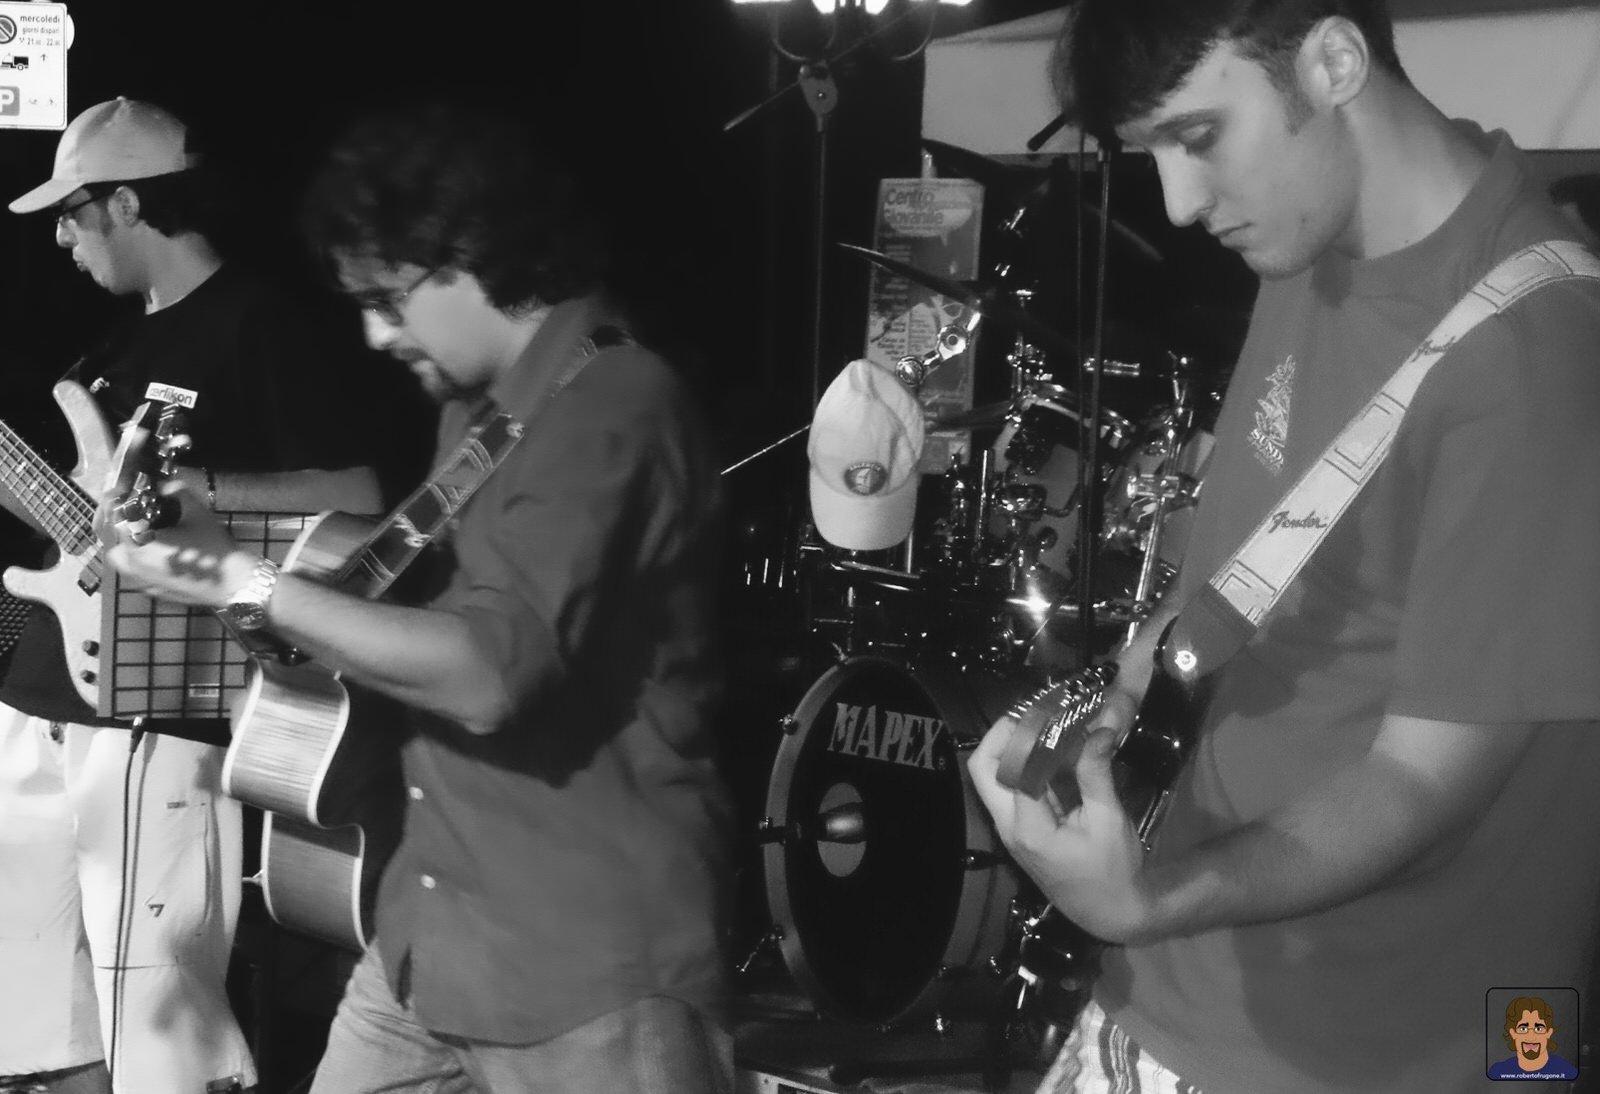 Roberto Frugone Band cantautore live concerto Chiavari Piazza Pescatori 01